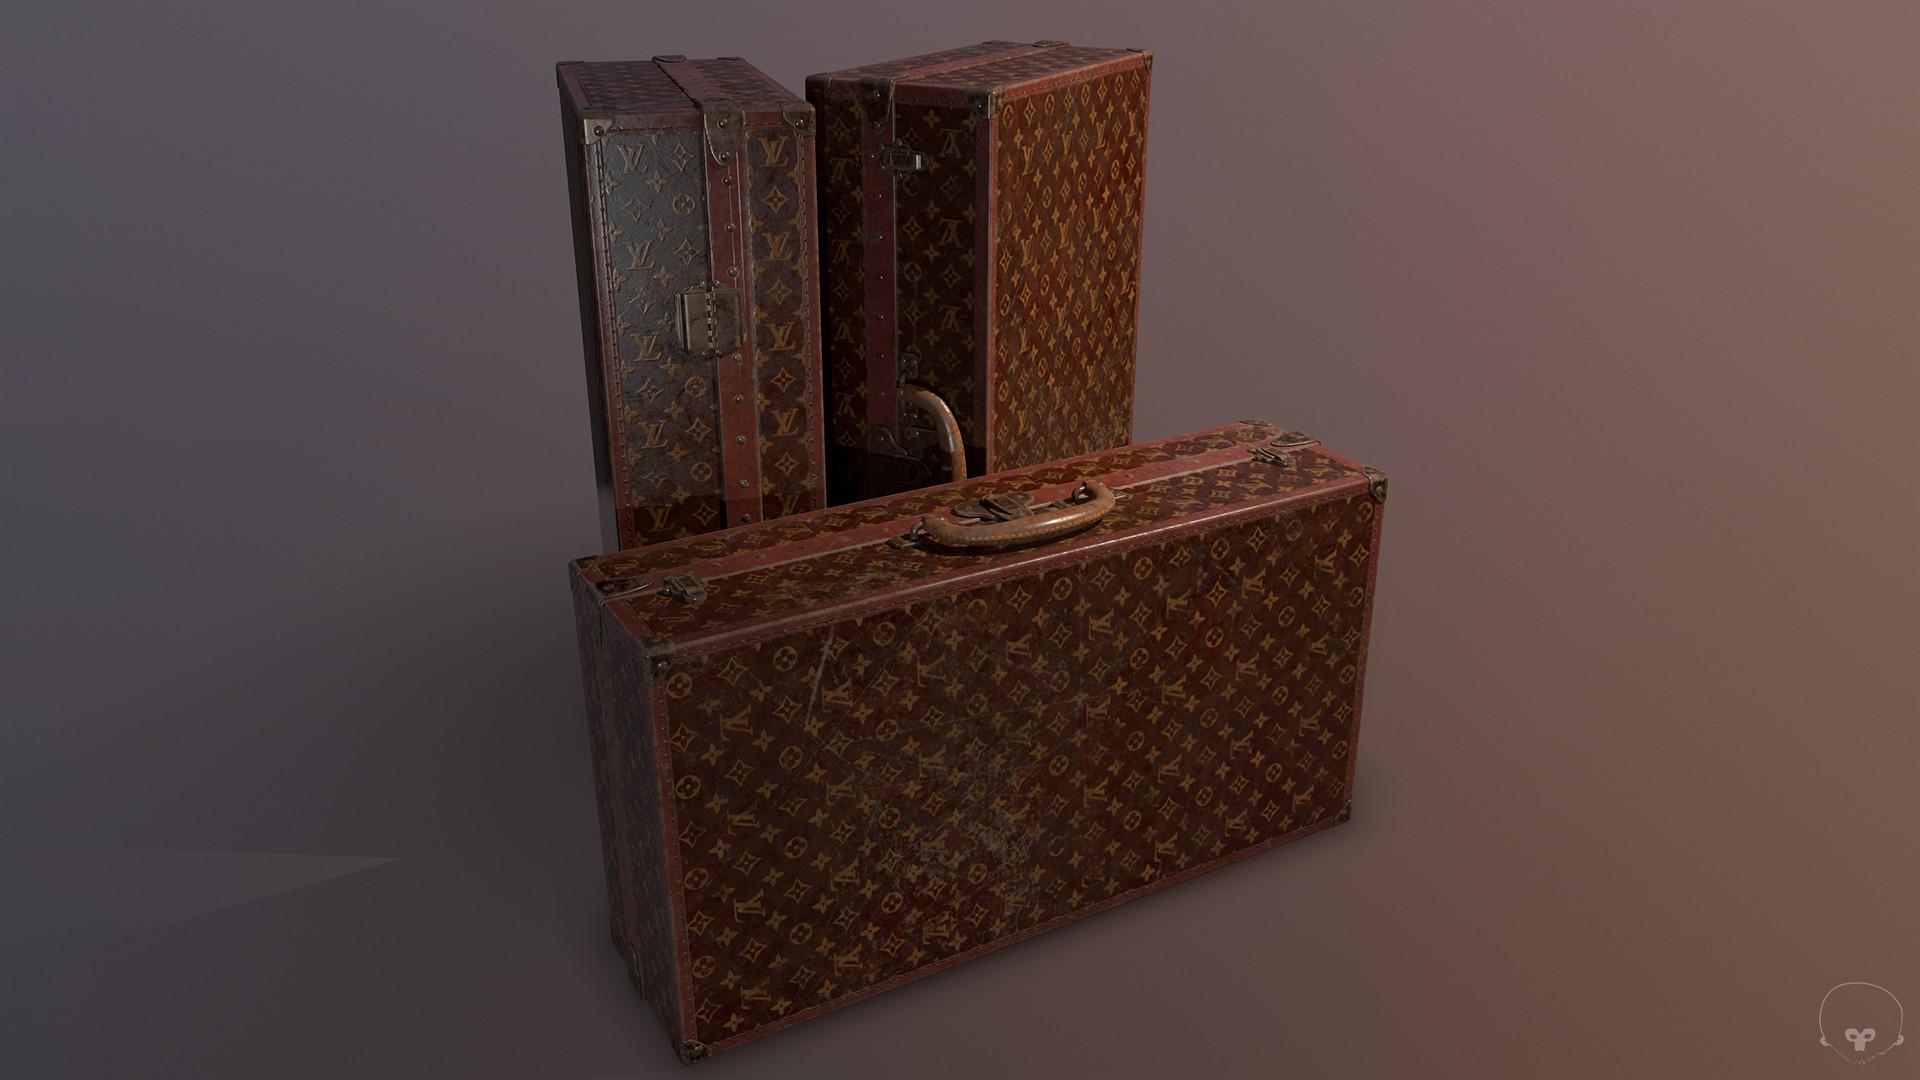 Paul mandegarian suitcase 01